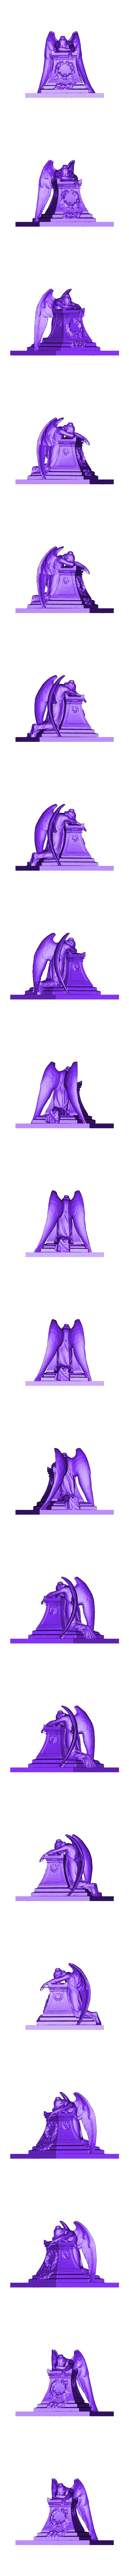 Angel_02.stl Download free OBJ file Angel Statue 2 3D Model • 3D printer template, DavidG7